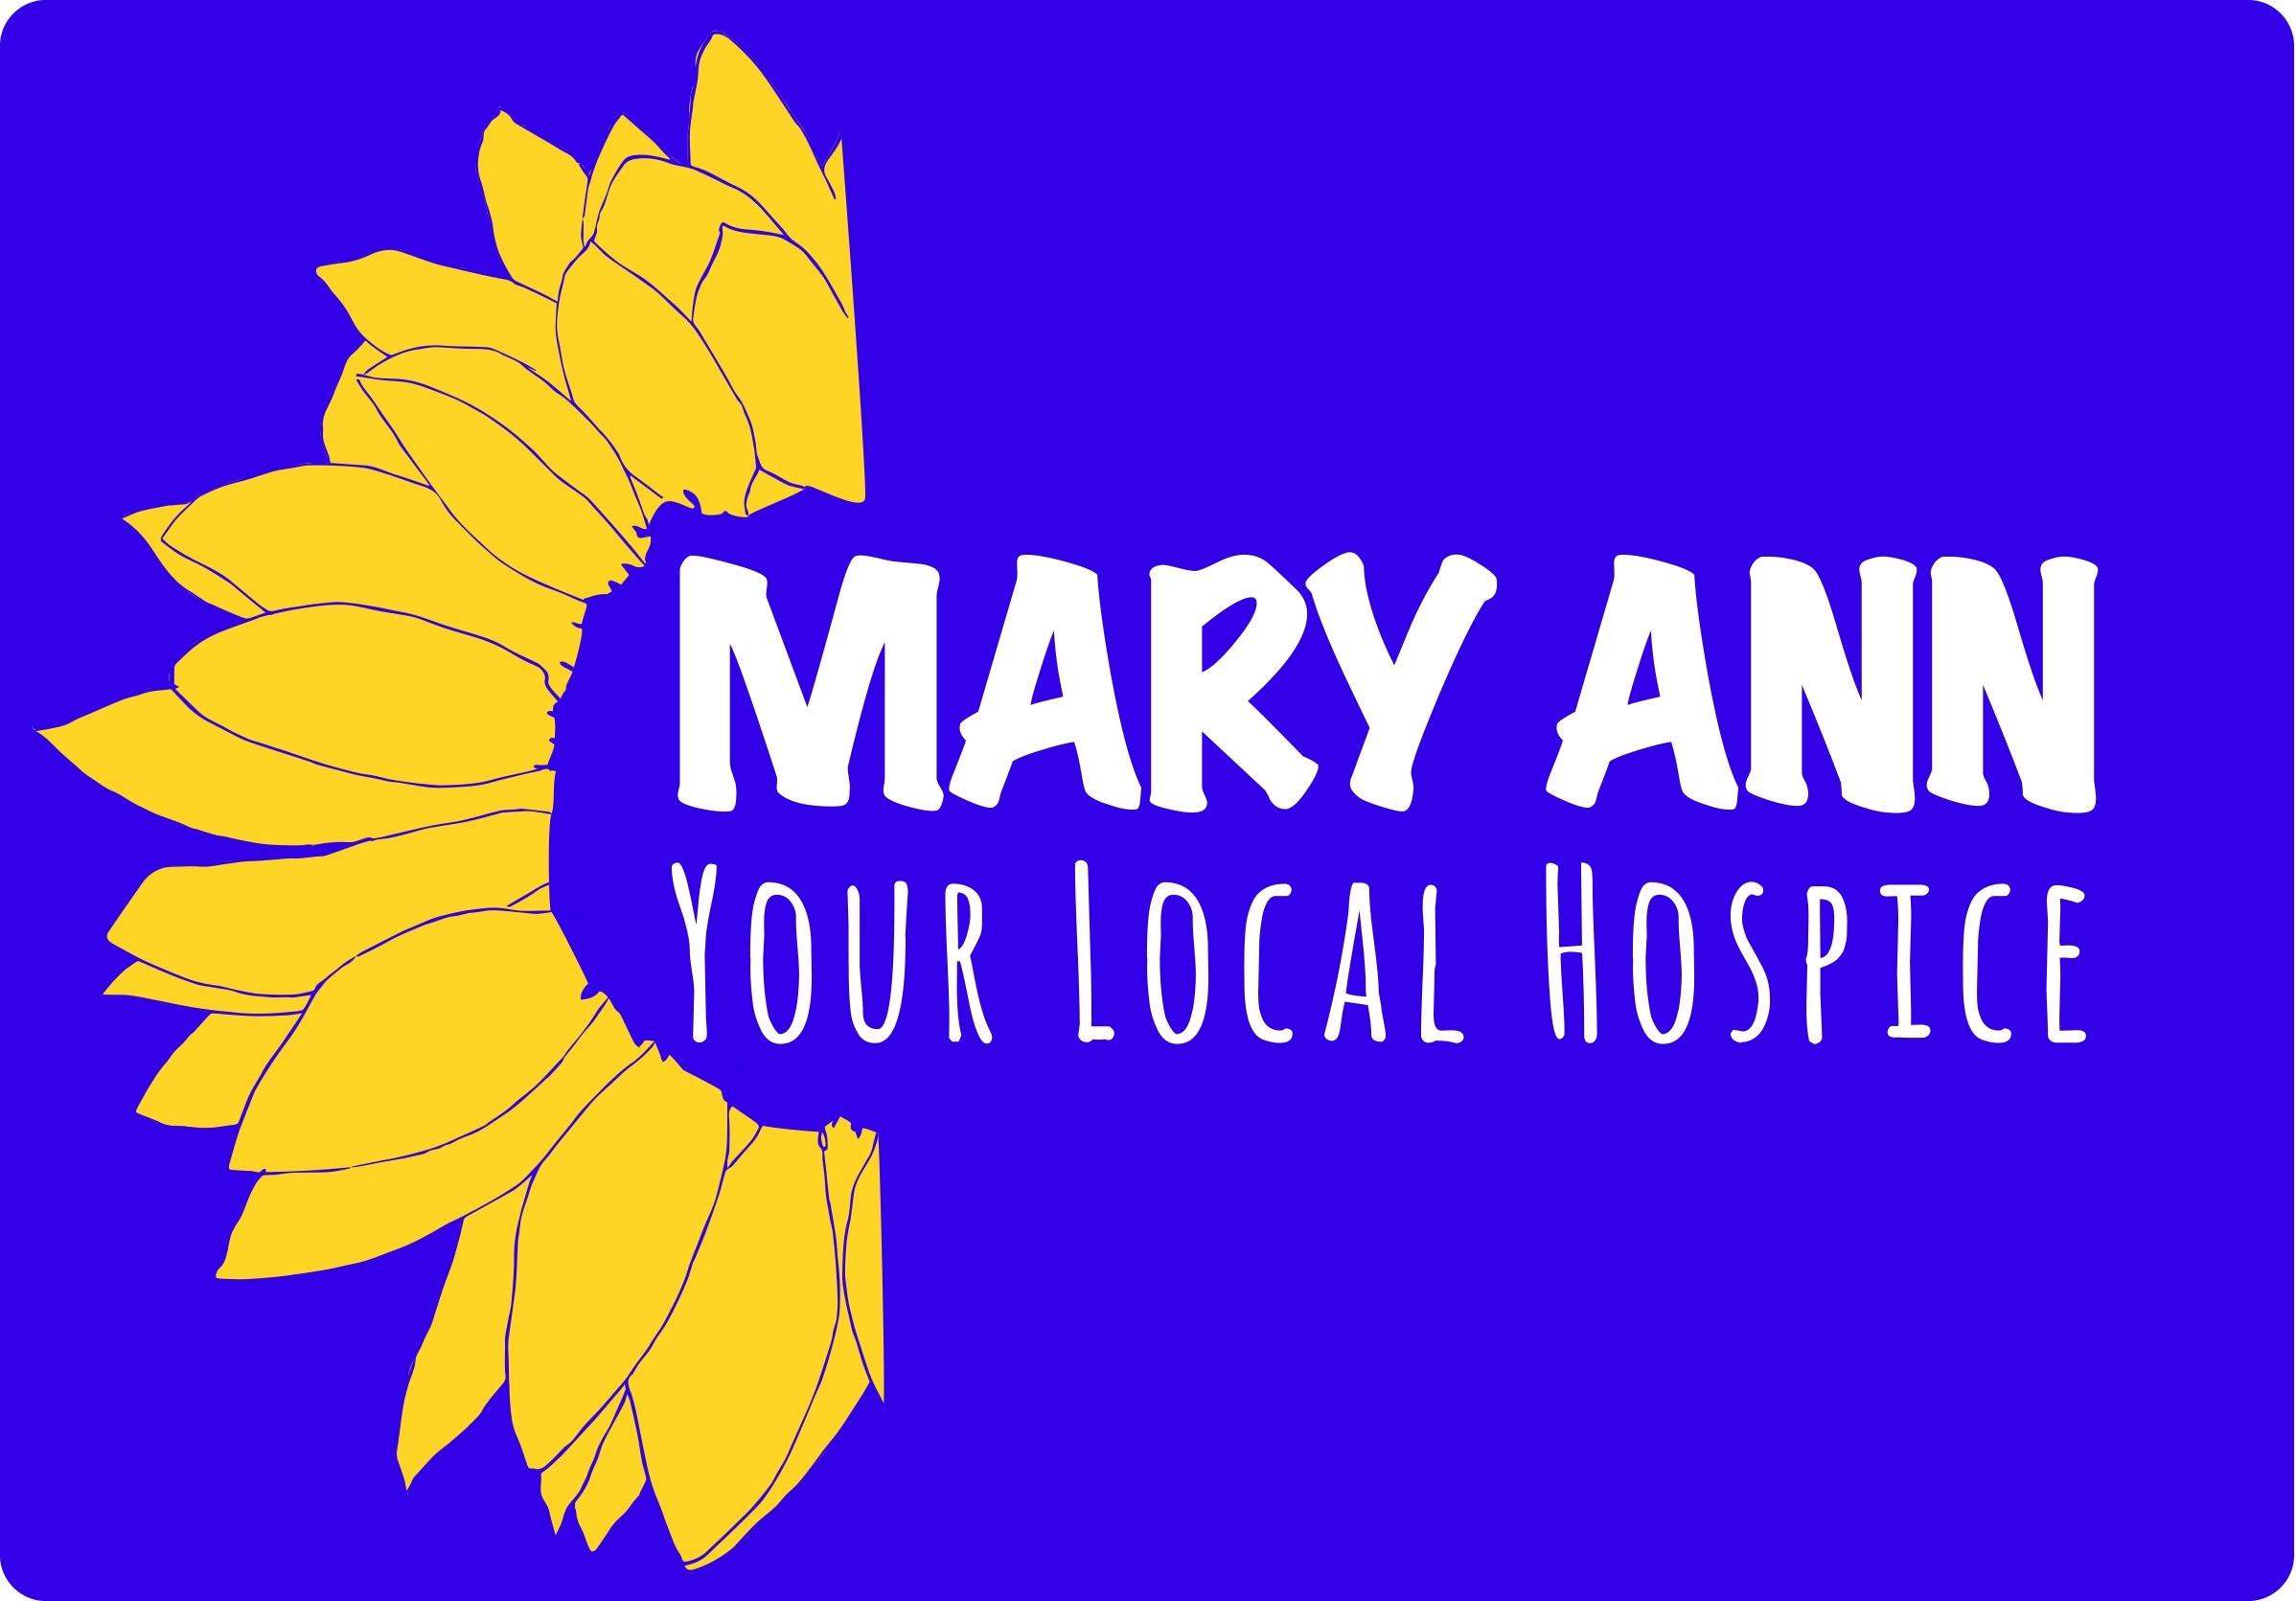 The Mary Ann Evans Hospice